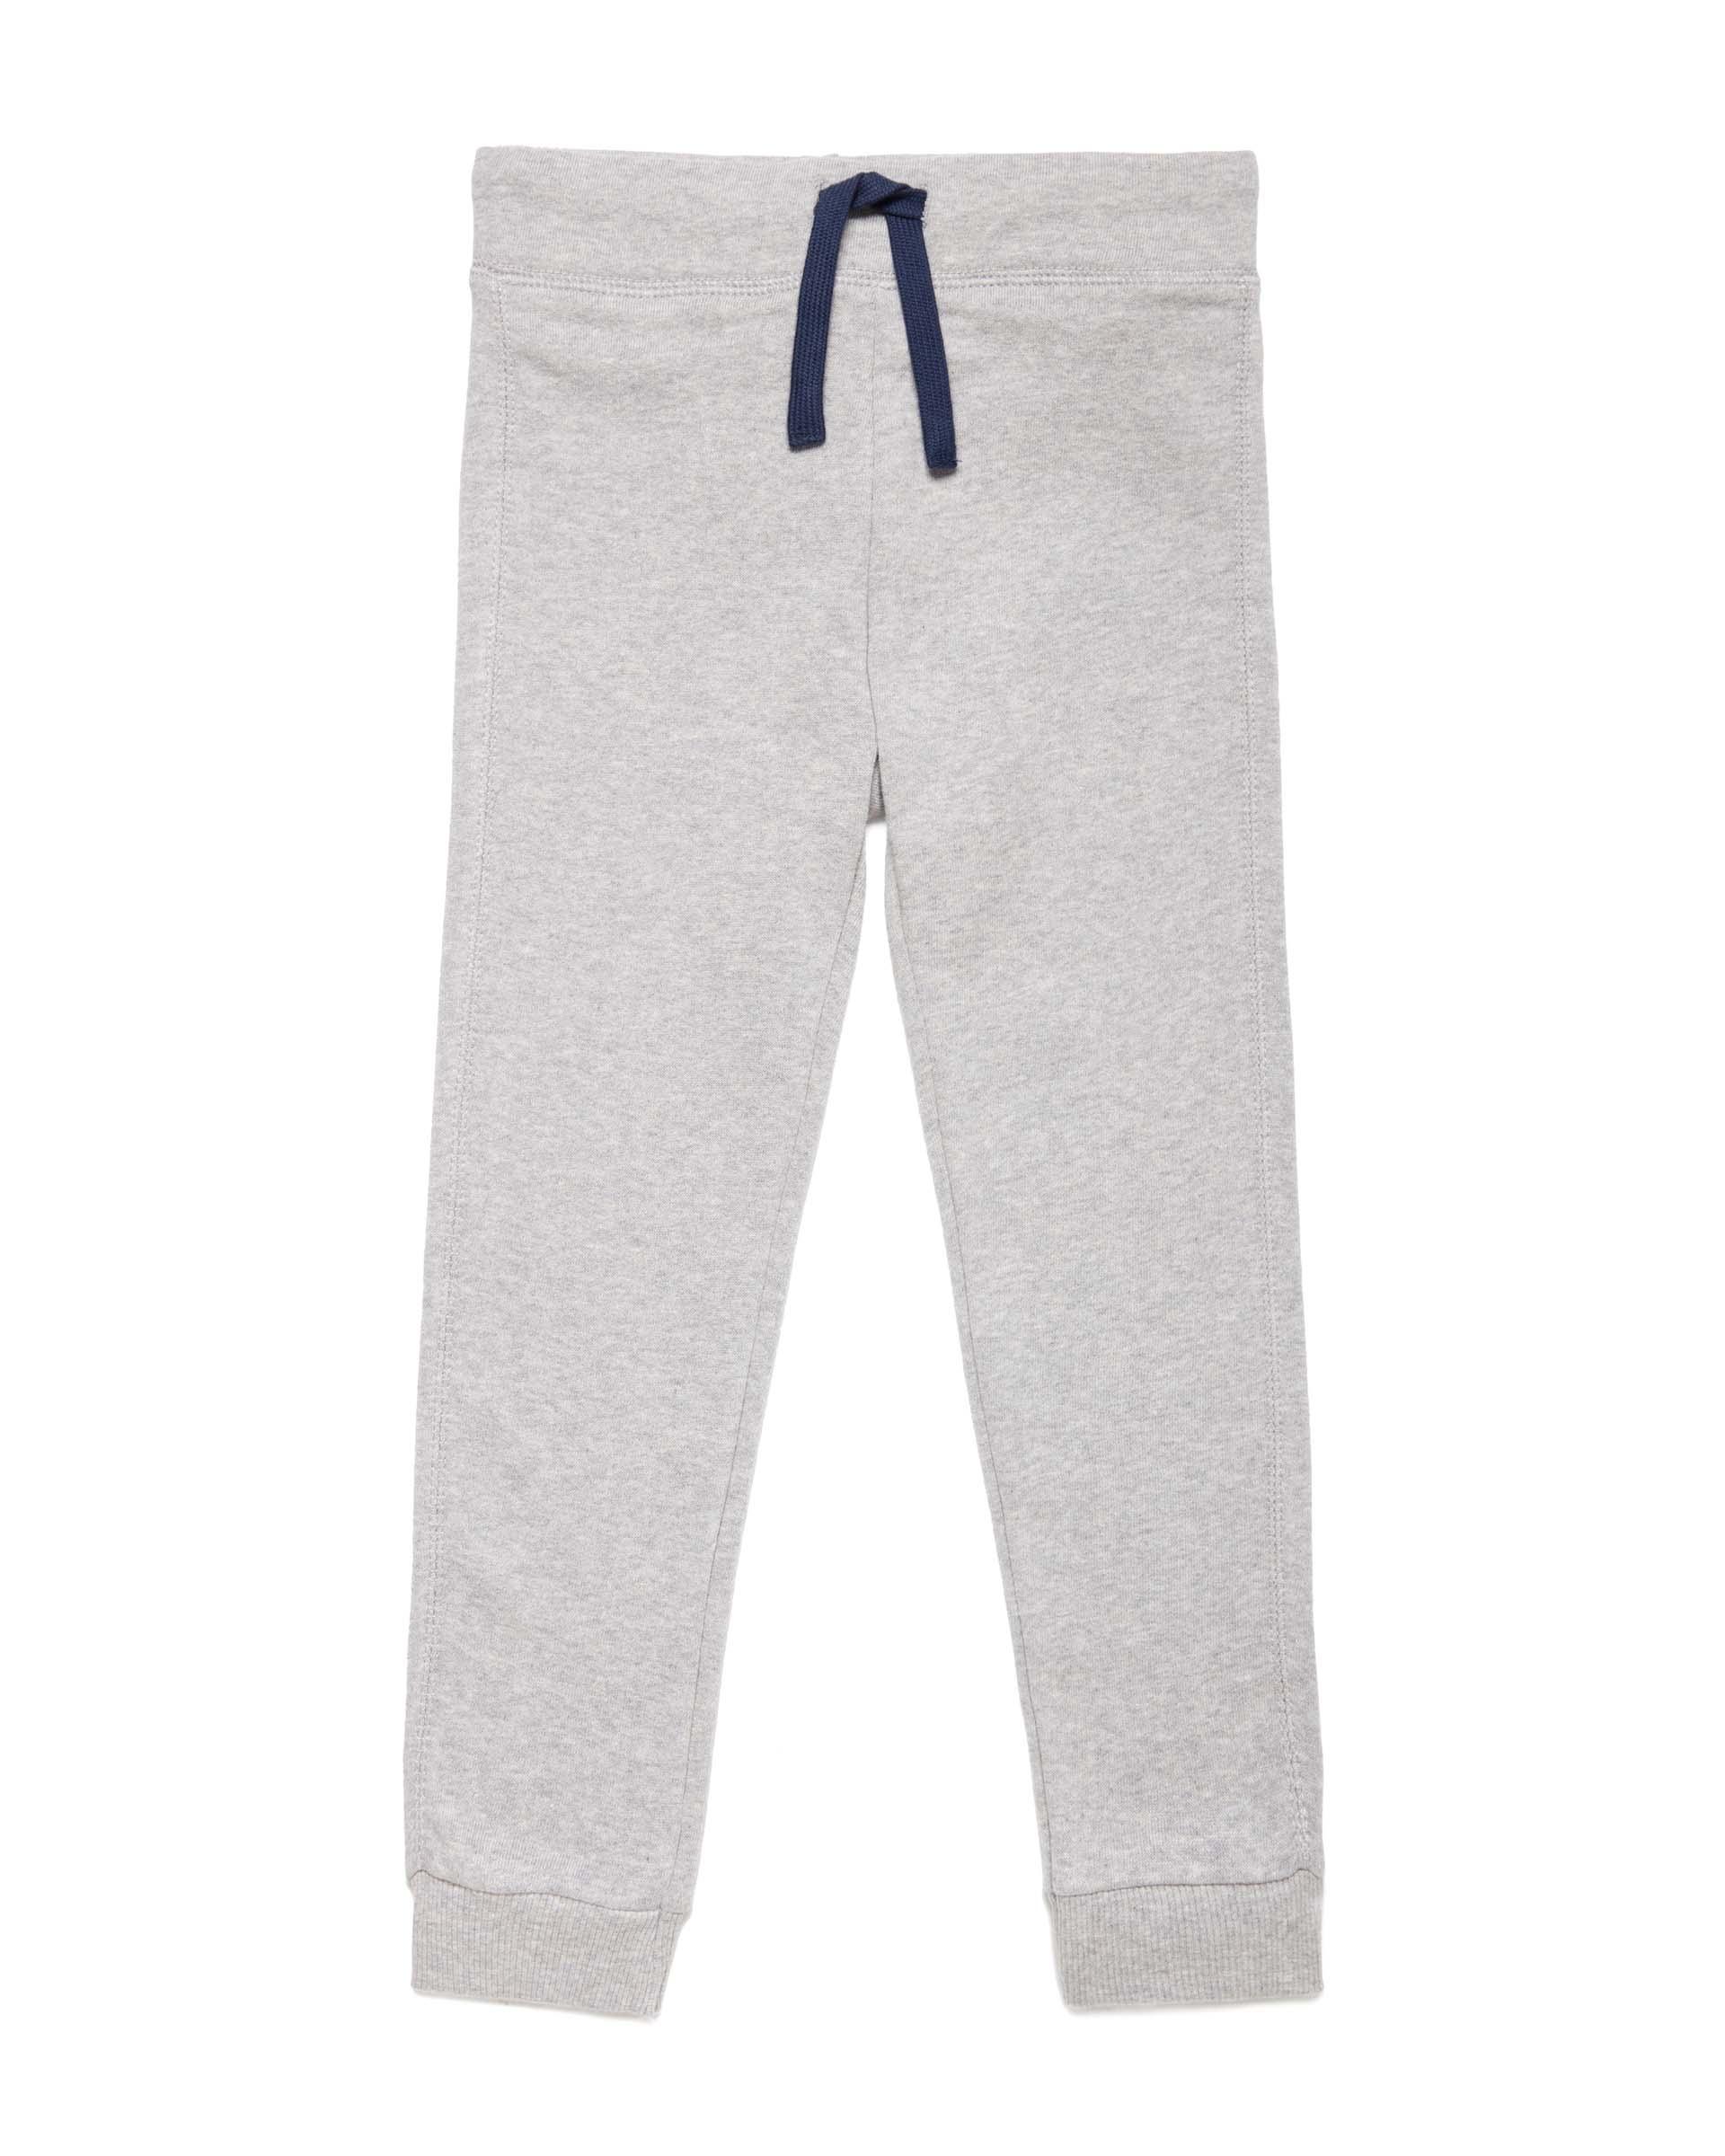 Купить CCC_3J68I0449_501, Спортивные брюки для мальчиков Benetton 3J68I0449_501 р-р 80, United Colors of Benetton, Шорты и брюки для новорожденных